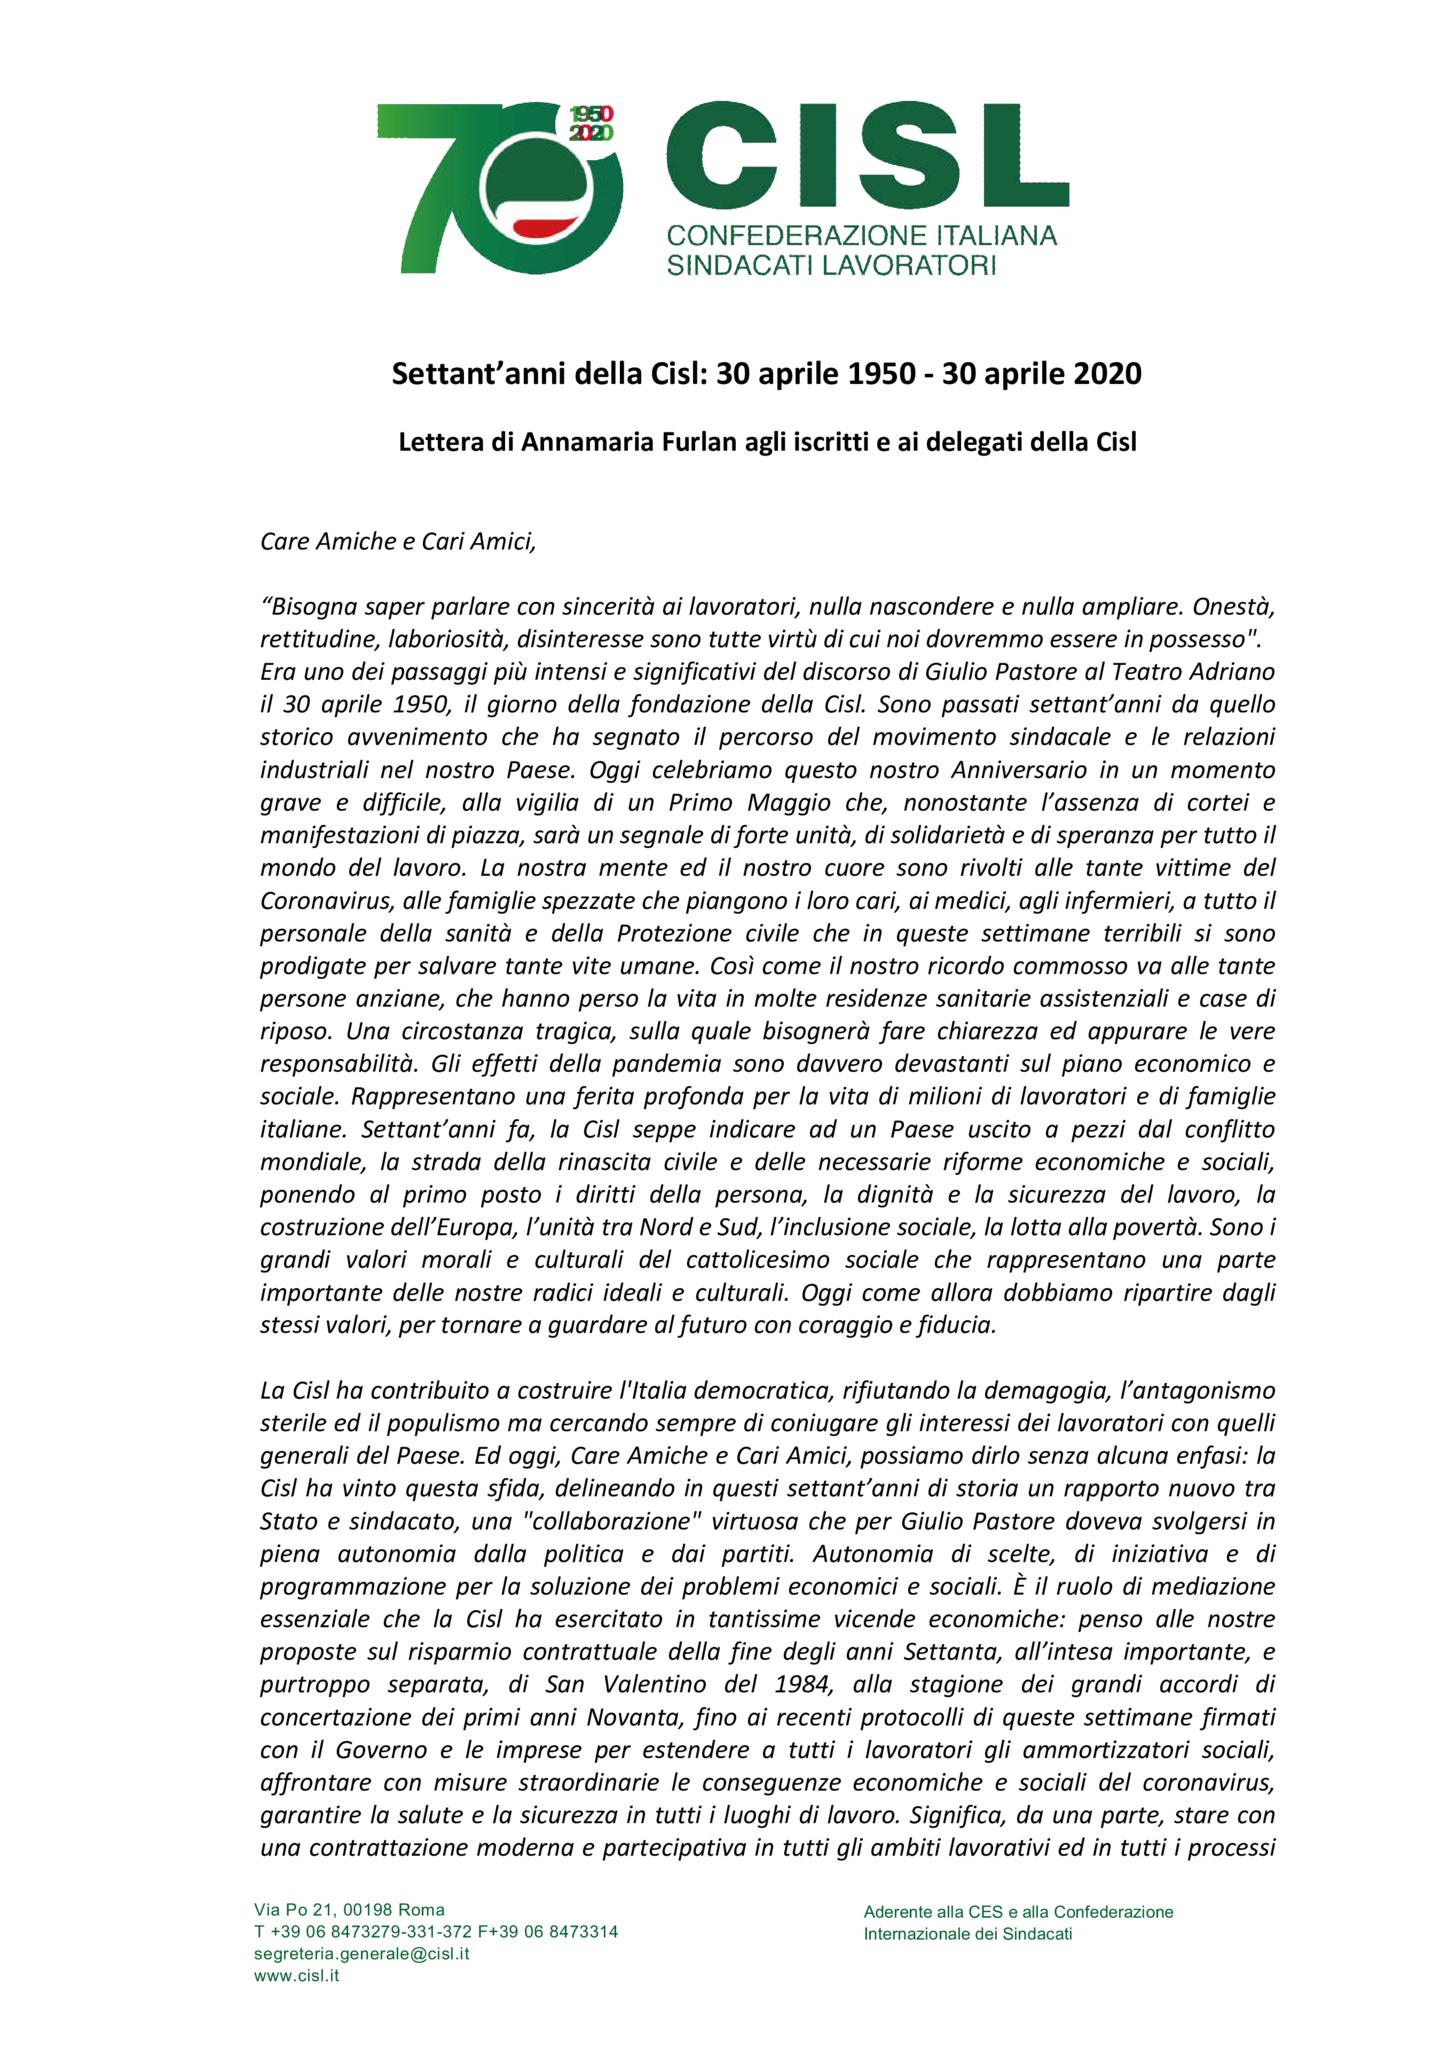 thumbnail of Lettera-Annamaria-Furlan-70°-CISL